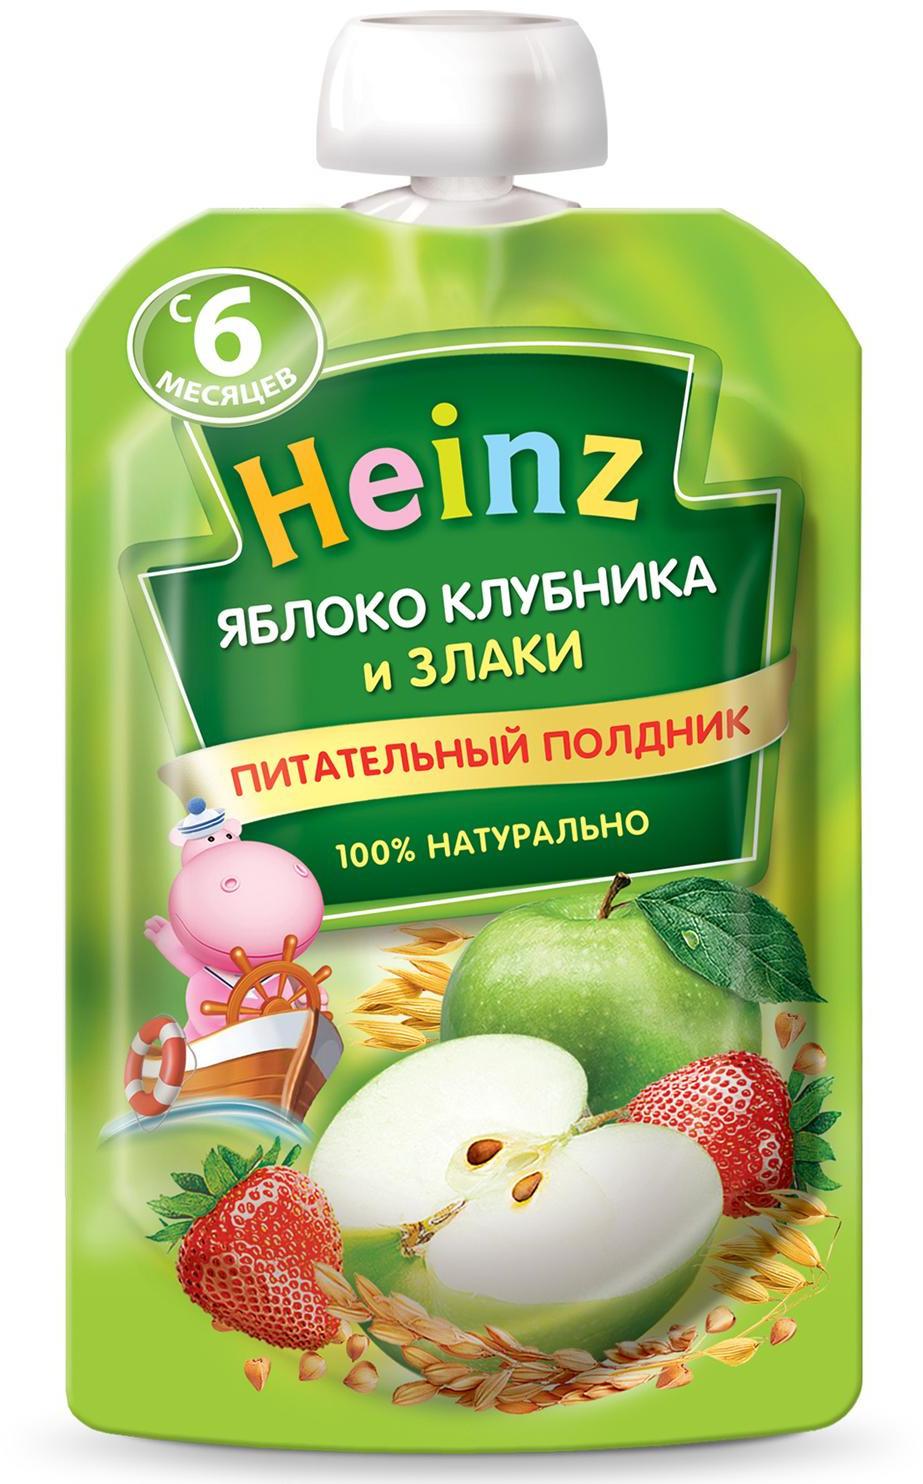 Пюре Heinz из яблок и клубники со злаками, с 6 месяцев, 90 г